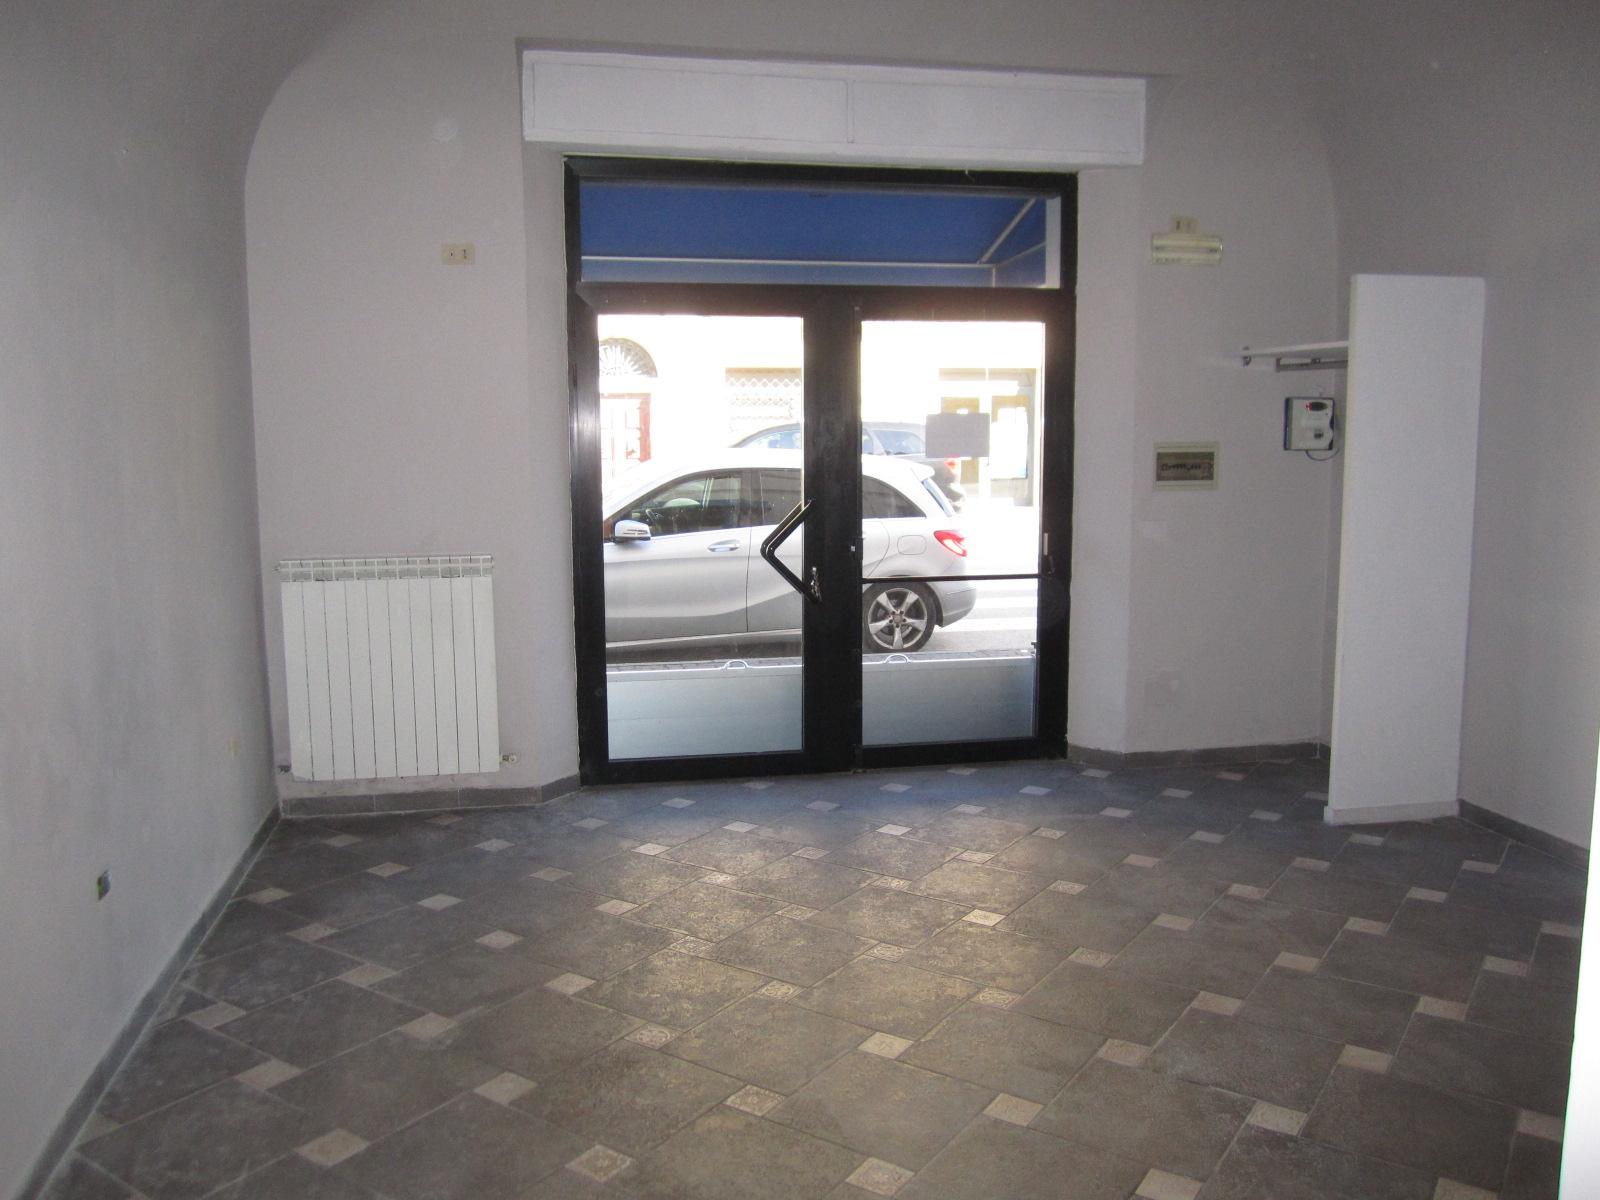 Laboratorio in affitto a Cascina, 9999 locali, zona Zona: Casciavola, prezzo € 800 | Cambio Casa.it